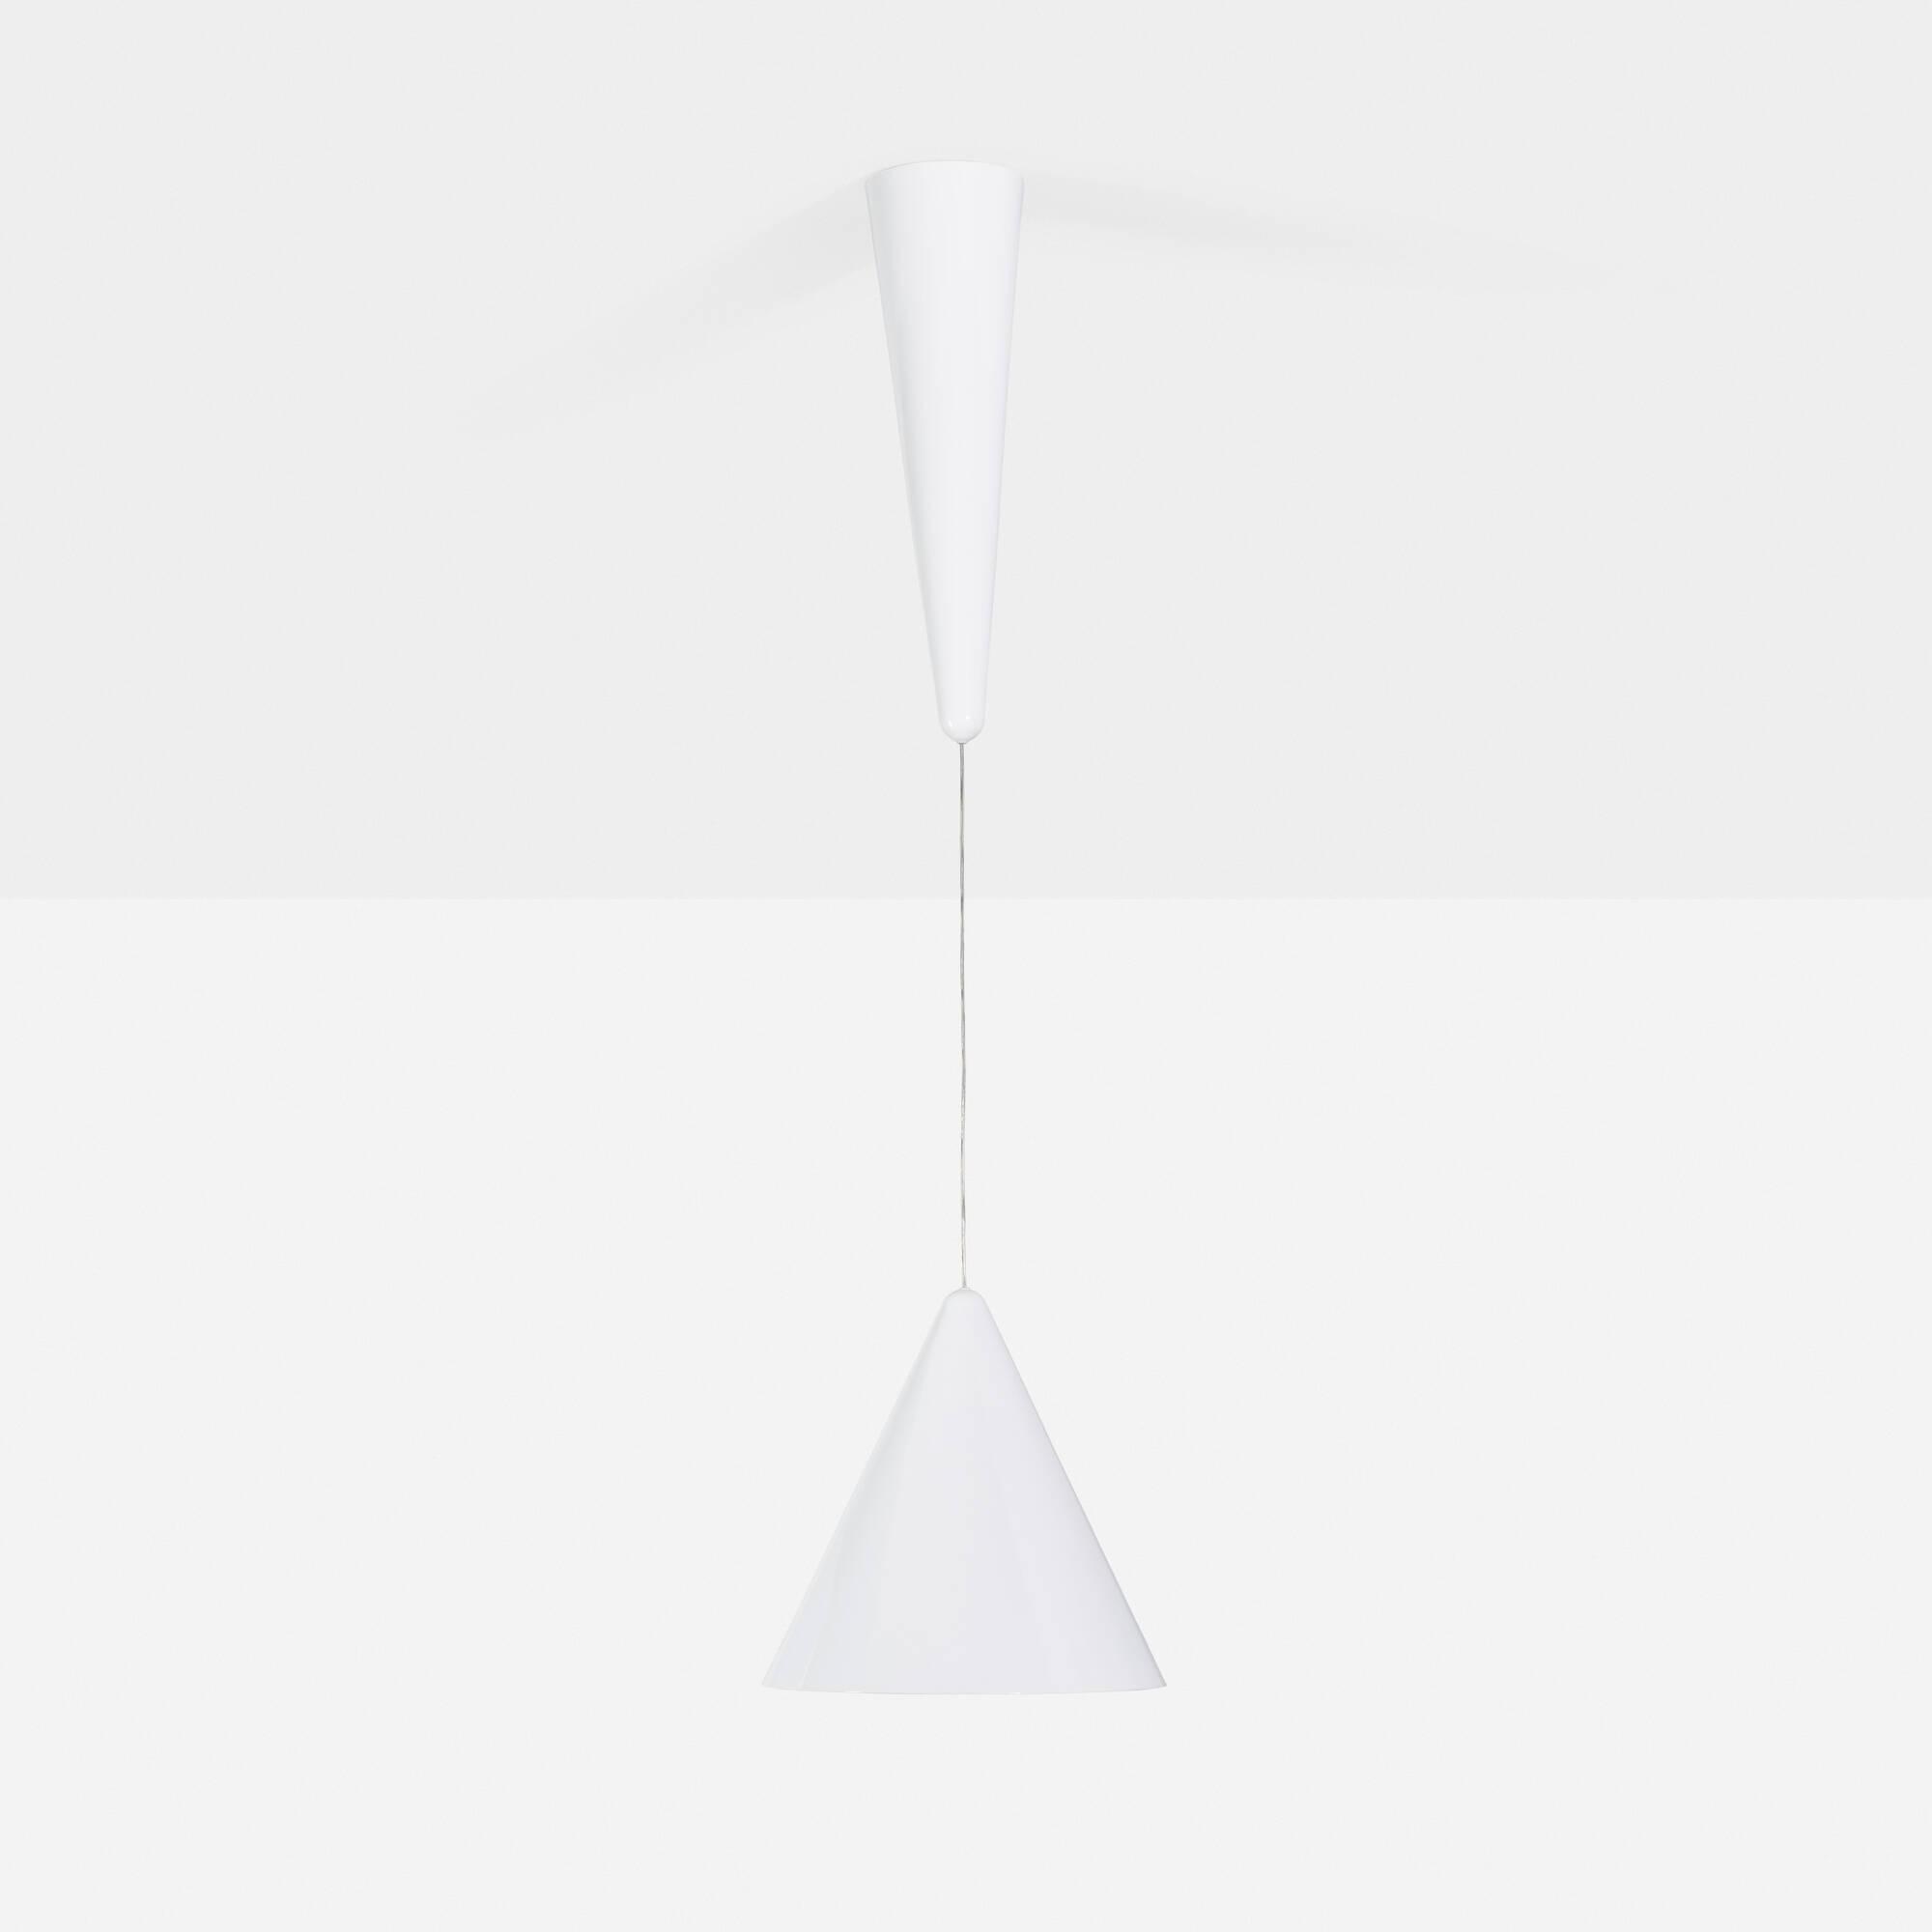 302: Achille Castiglioni / Diabolo pendant (1 of 1)